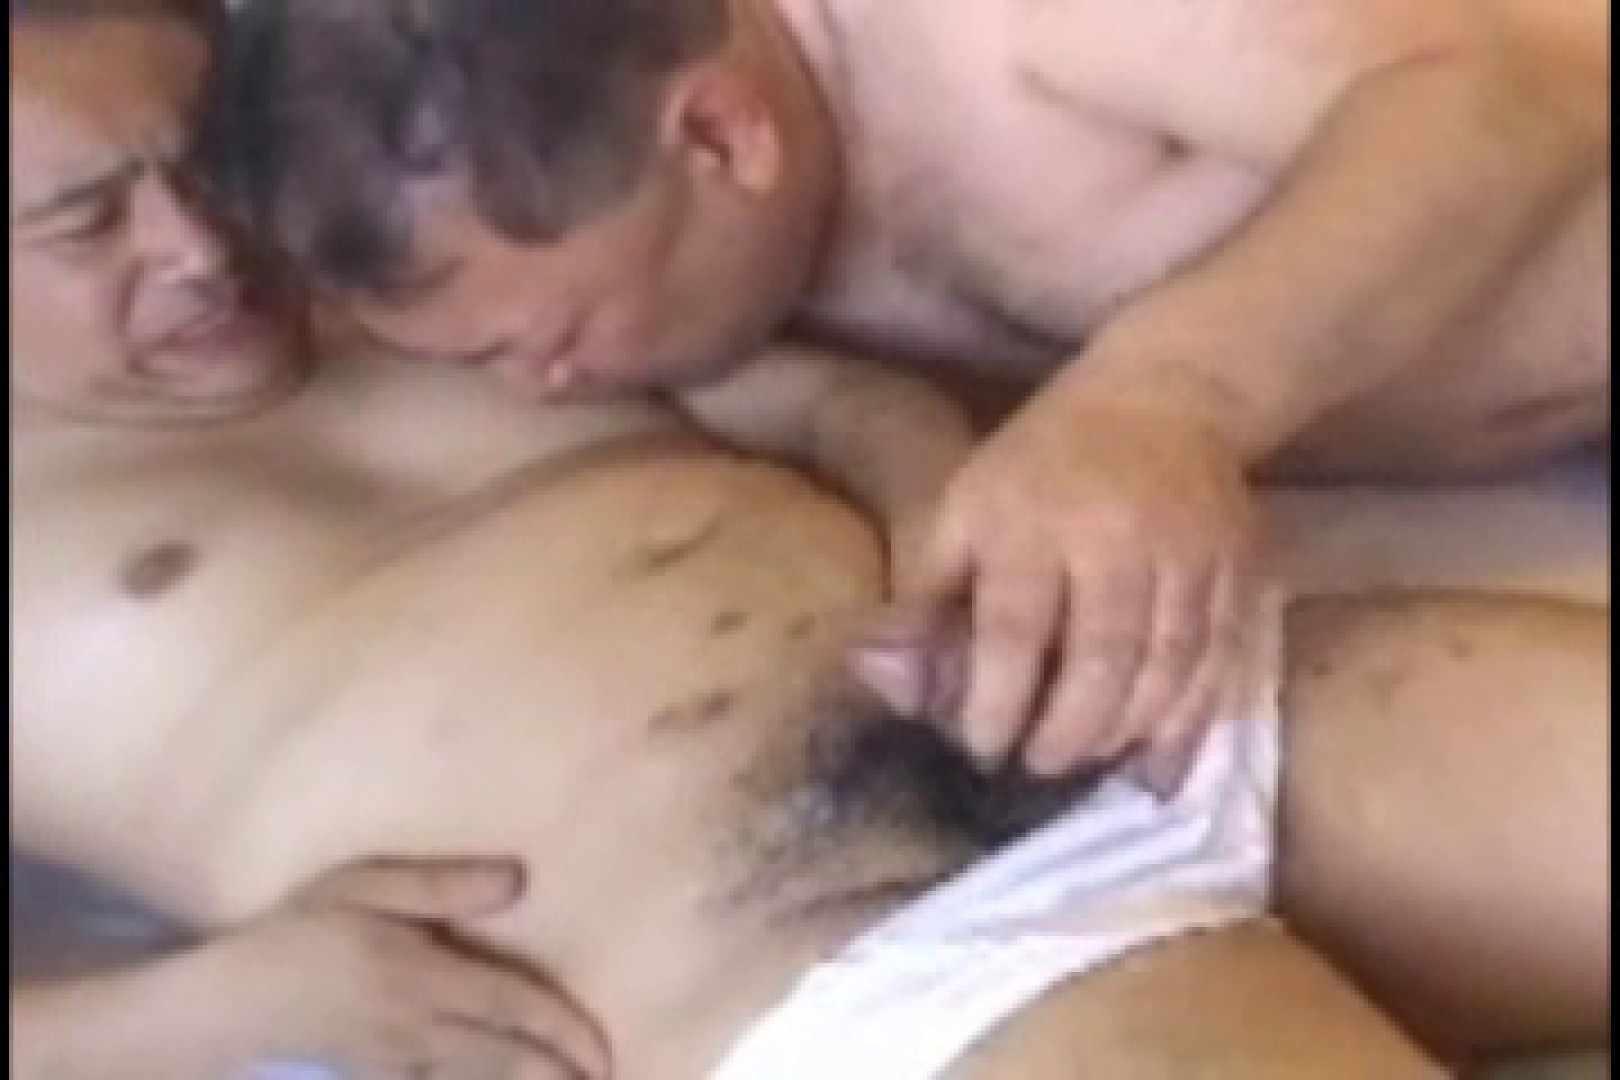 中年旦那の発情記 ゲイのオナニー映像   中年おじさん  99枚 76